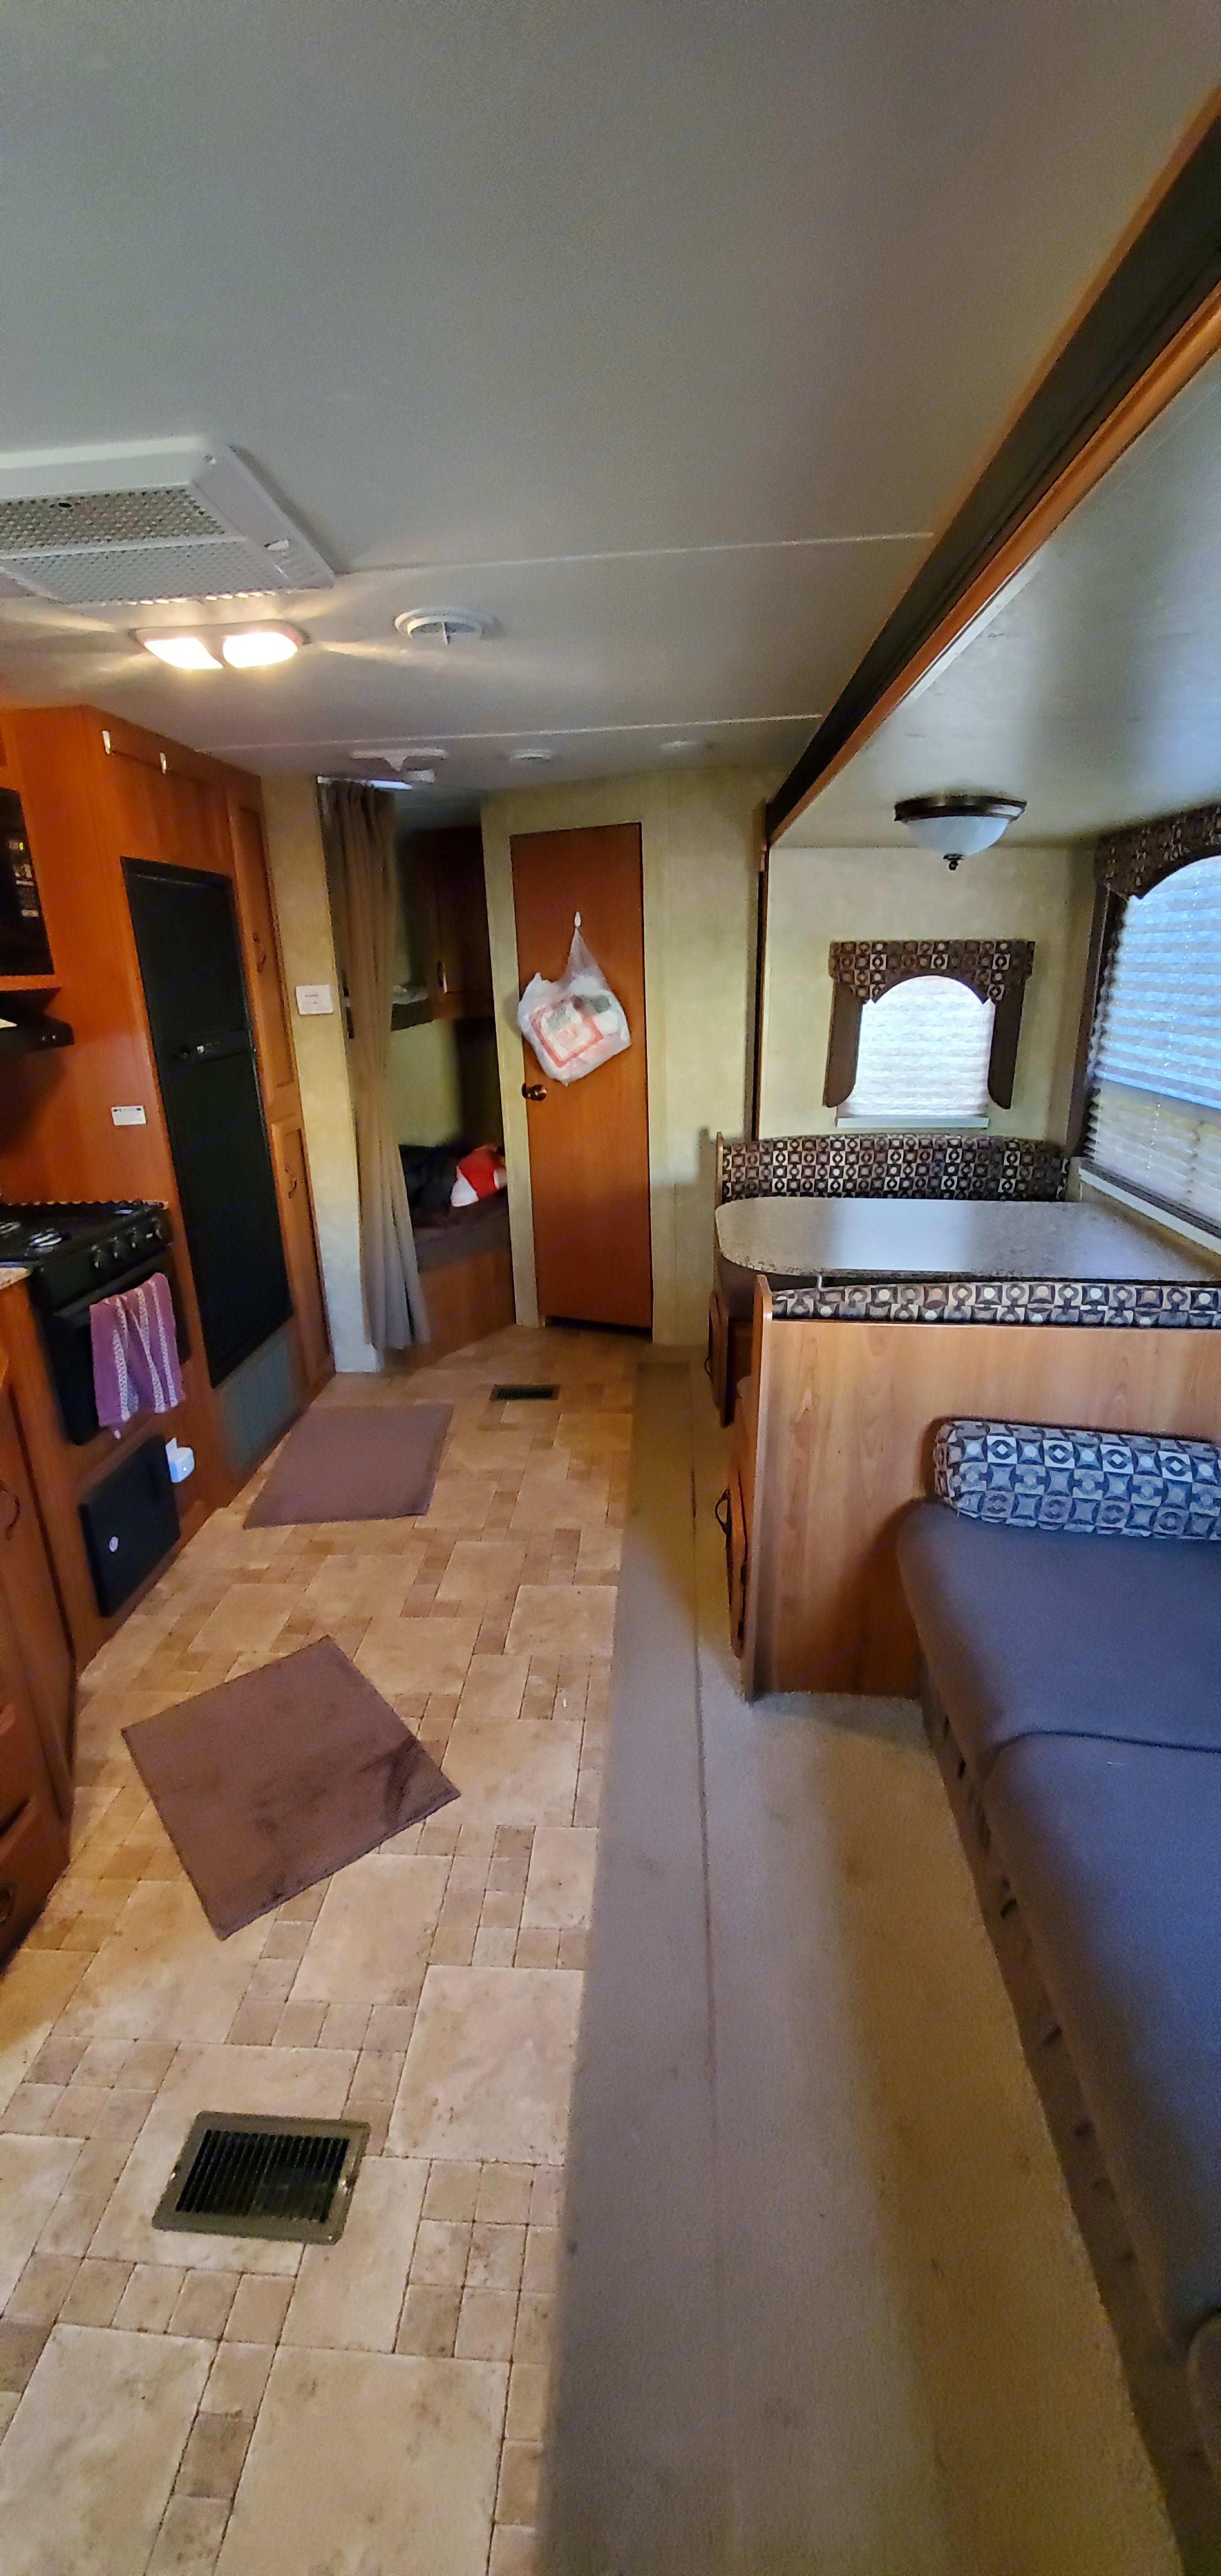 Coachmen Catalina 2011